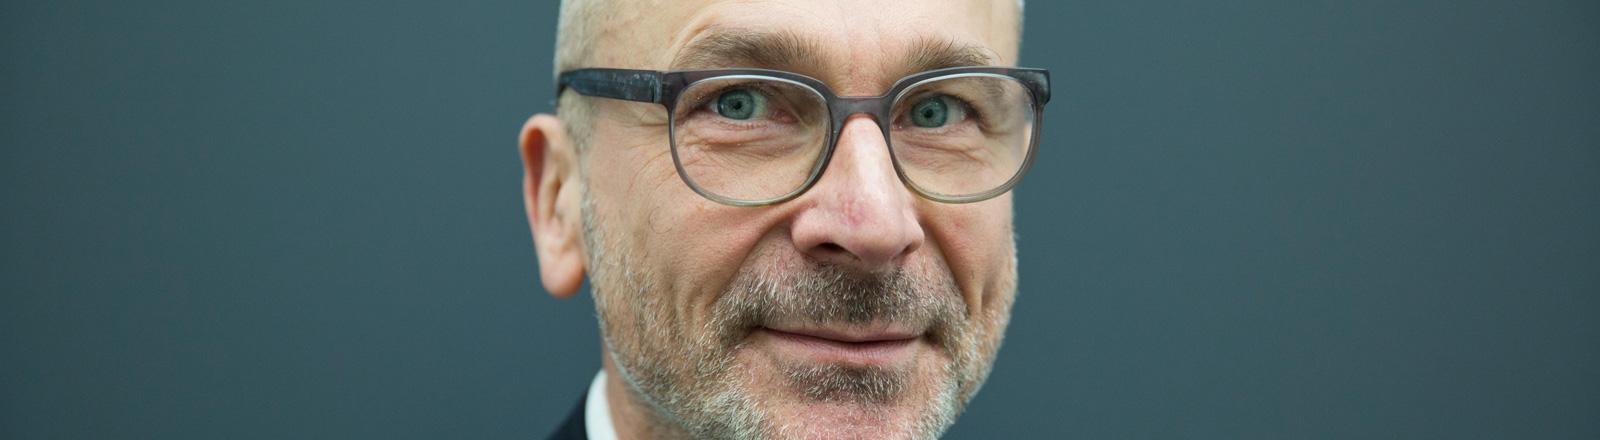 Volker Beck von den Grünen